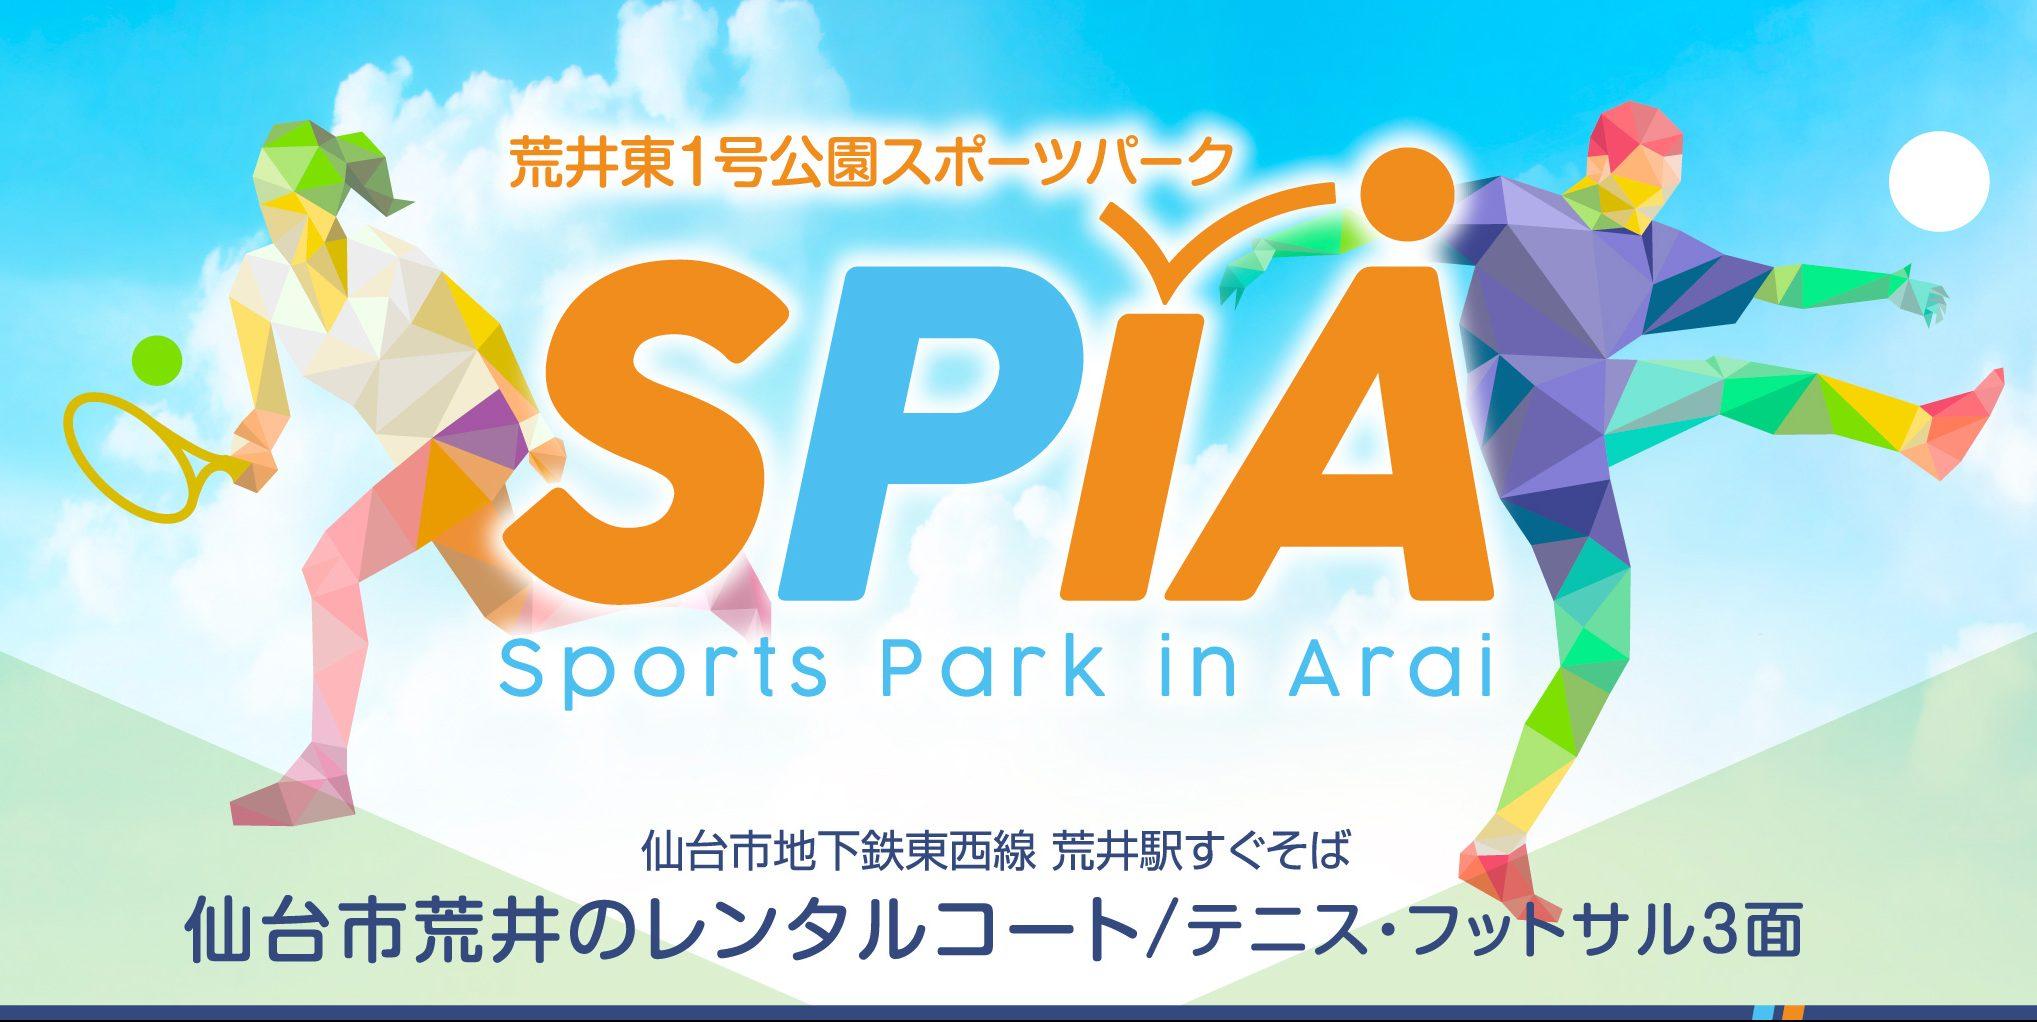 仙台市若林区荒井1号公園スポーツパークスピア